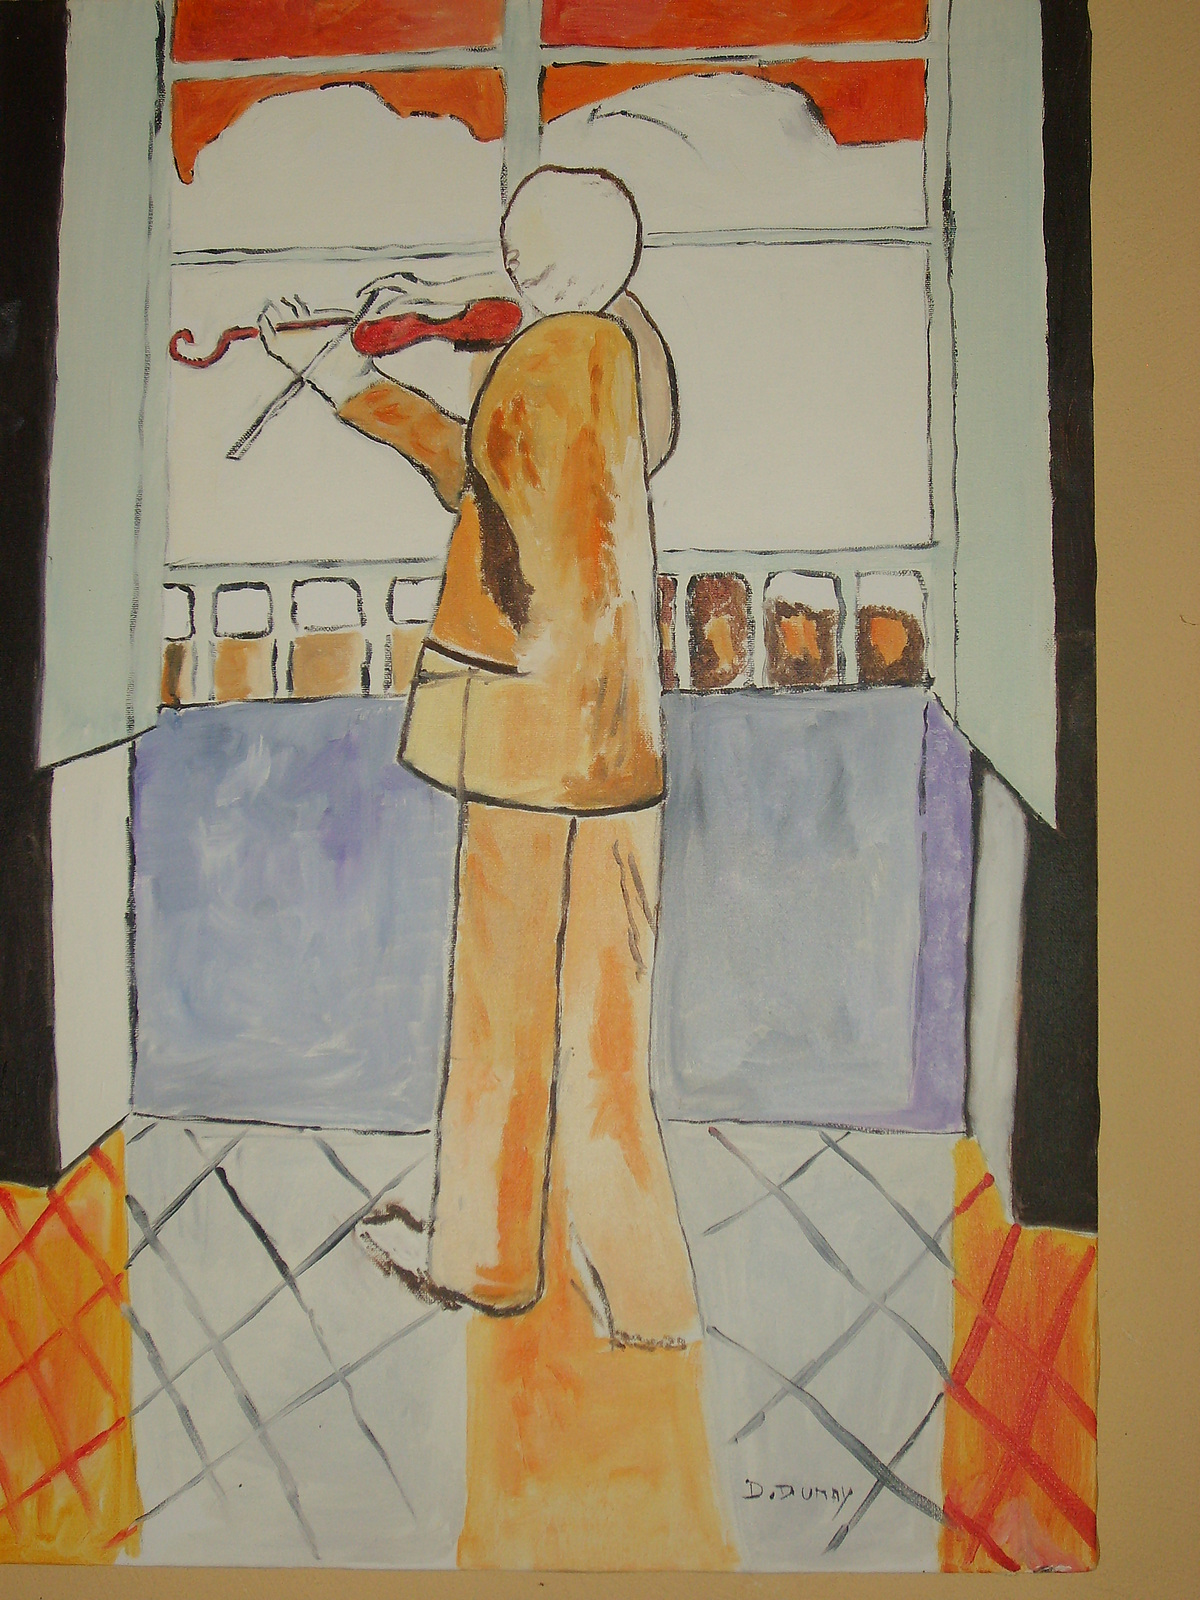 Notre bvc matisse paires et s ries 6 avril 2012 for Le violoniste a la fenetre henri matisse